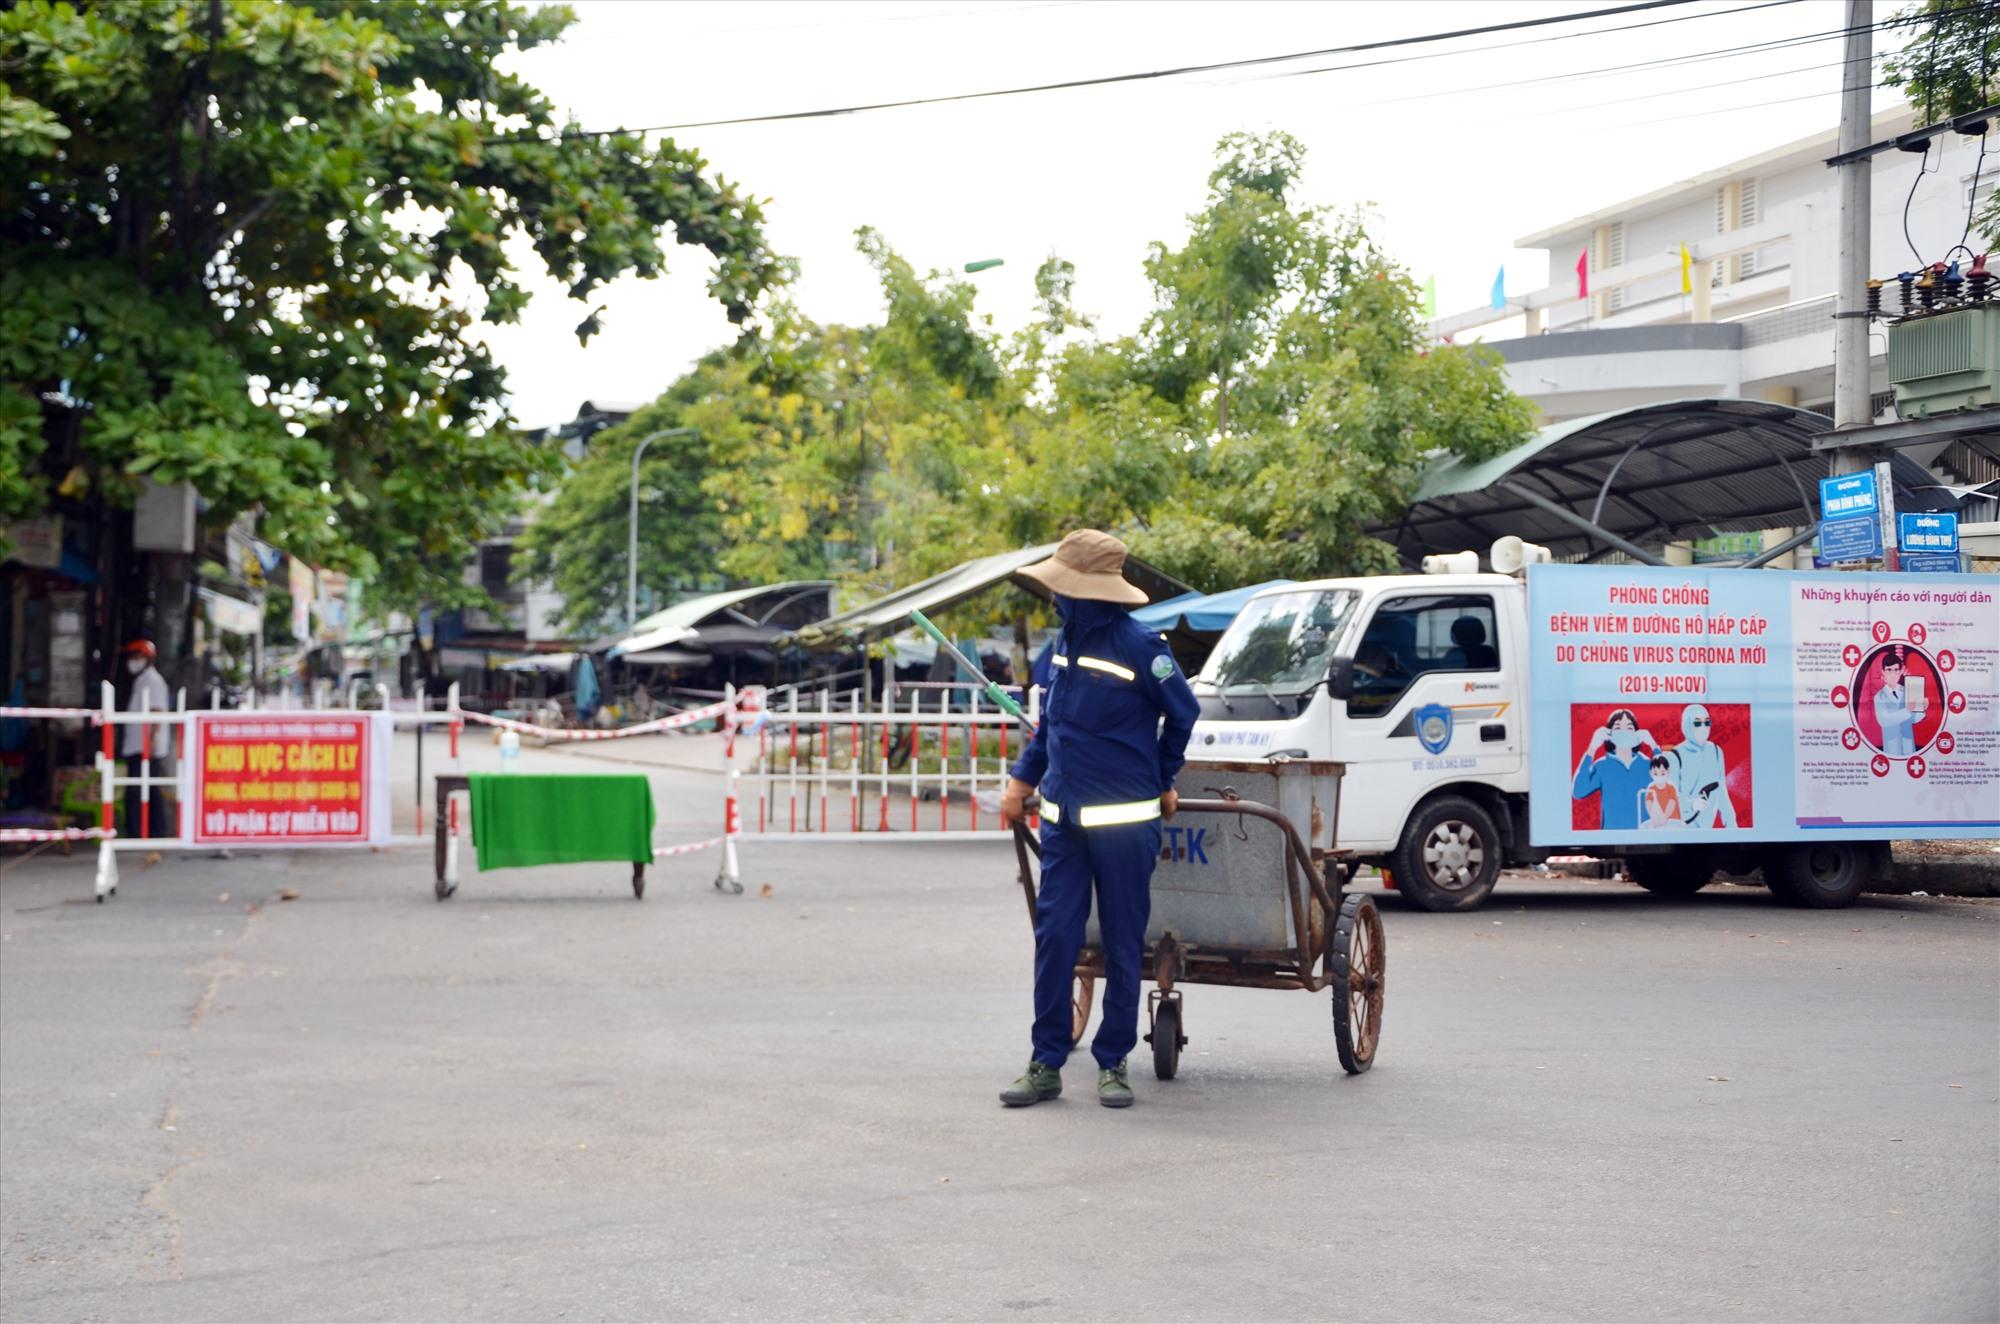 Công nhân thu gom rác thải sinh hoạt ngoài khu vực bị phong tỏa. Ảnh: T.N